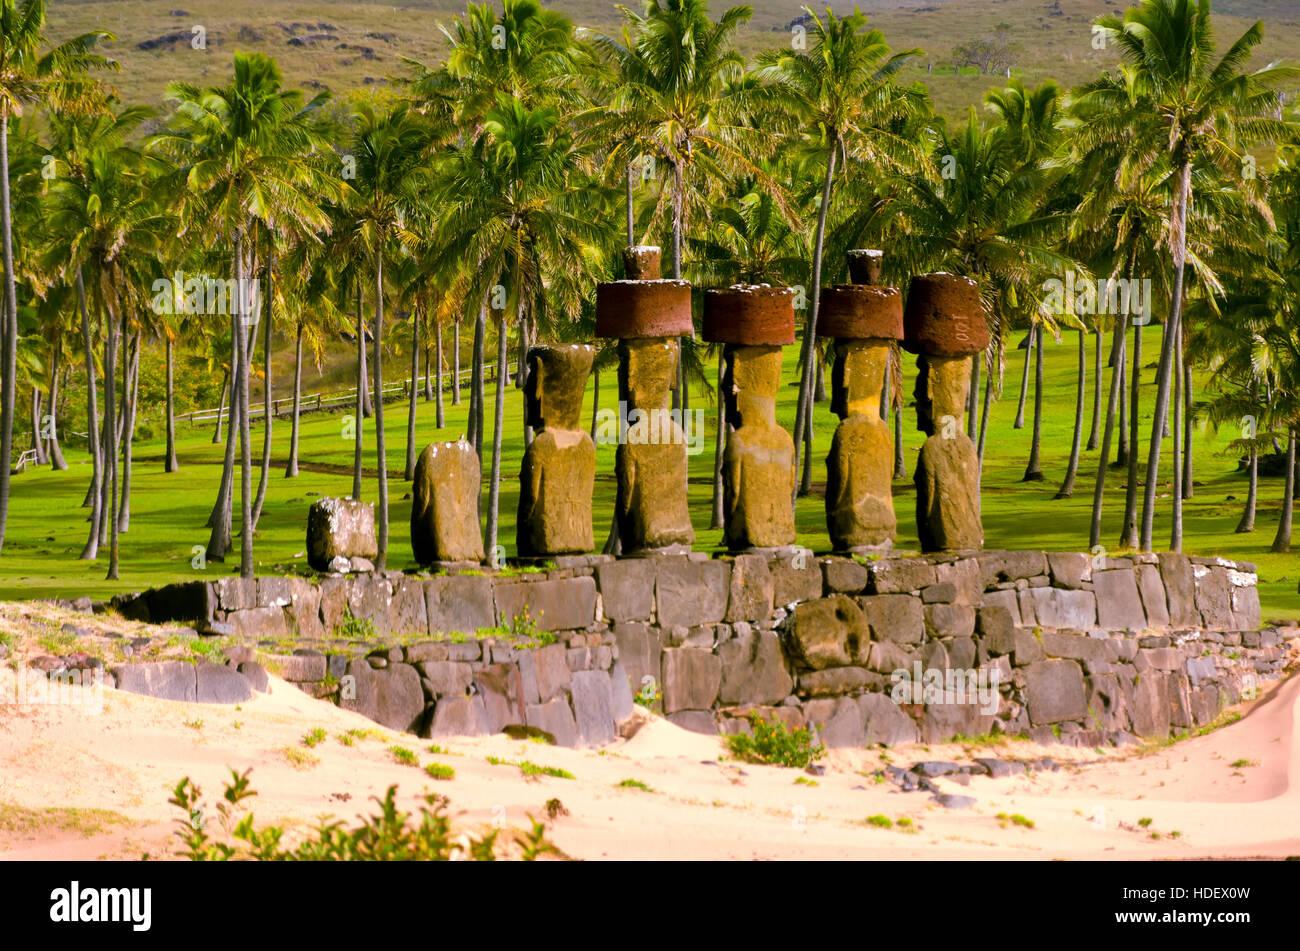 Moai su una spiaggia dell'isola di pasqua, Cile Immagini Stock